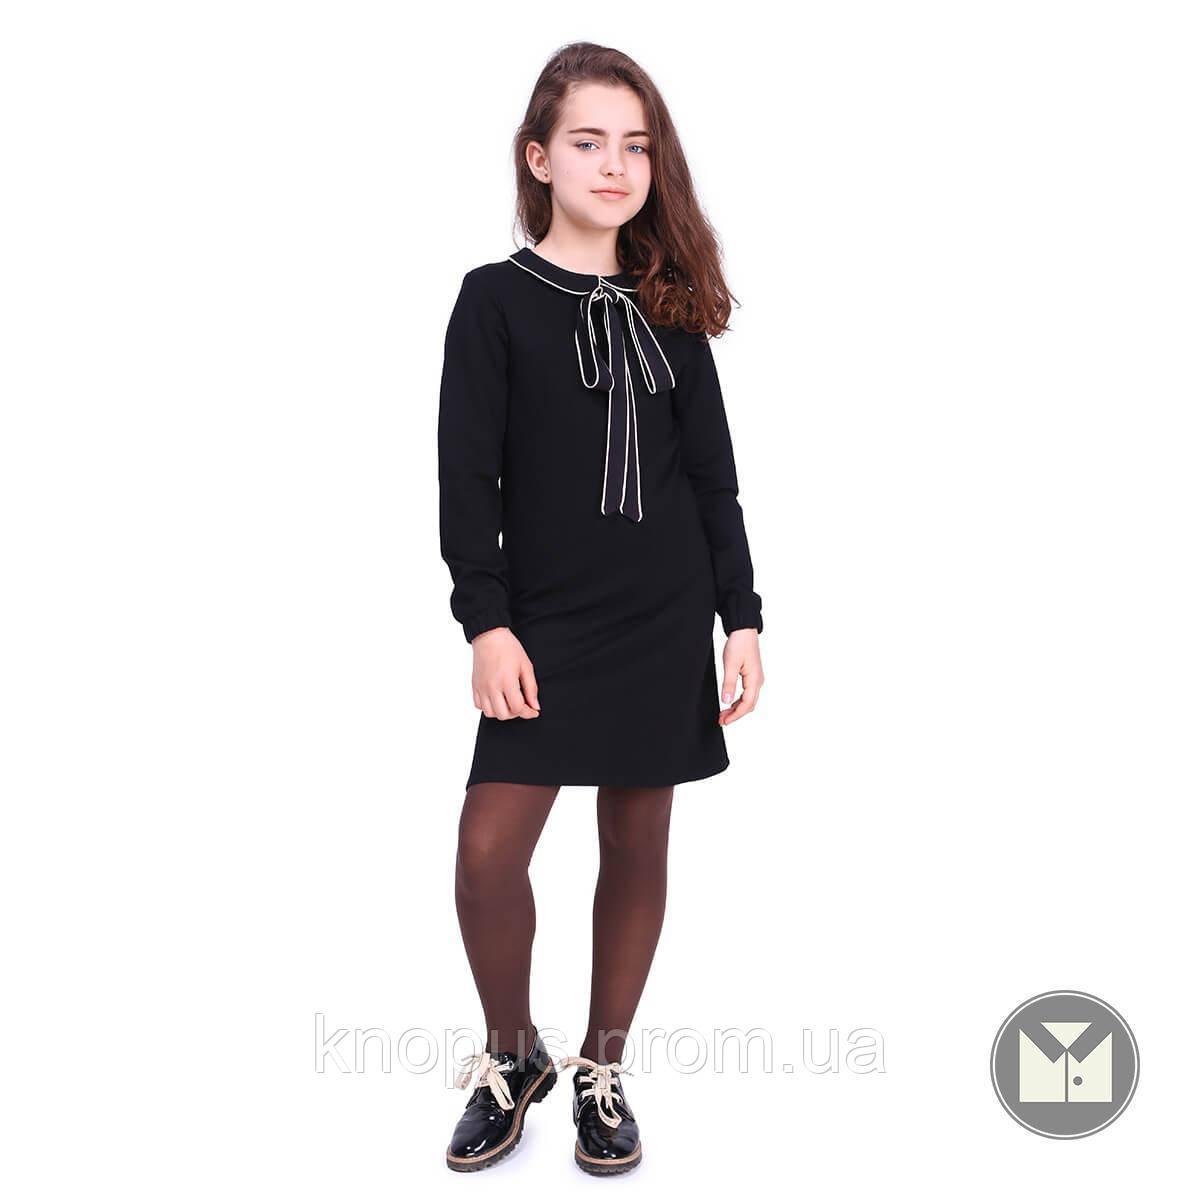 Платье для девочки, Britney, черное, Timbo, размеры 122-152